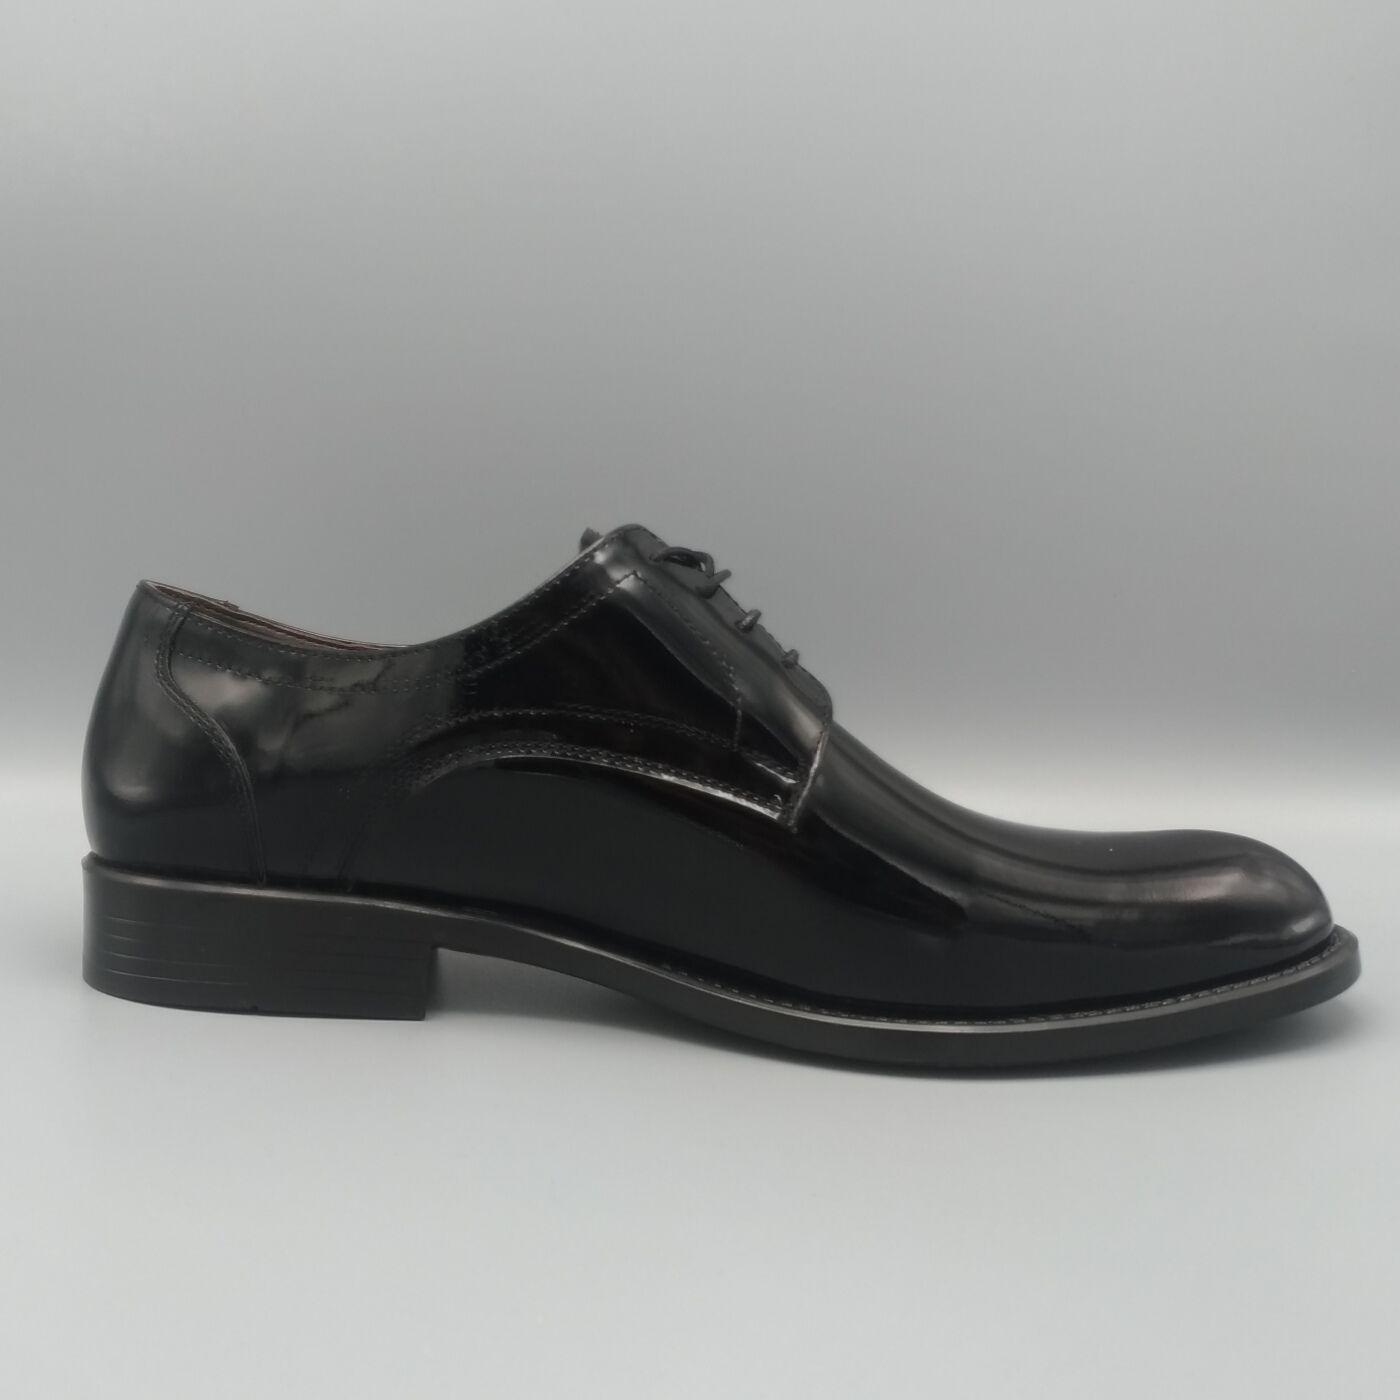 کفش مردانه مدل CLARS -  - 3